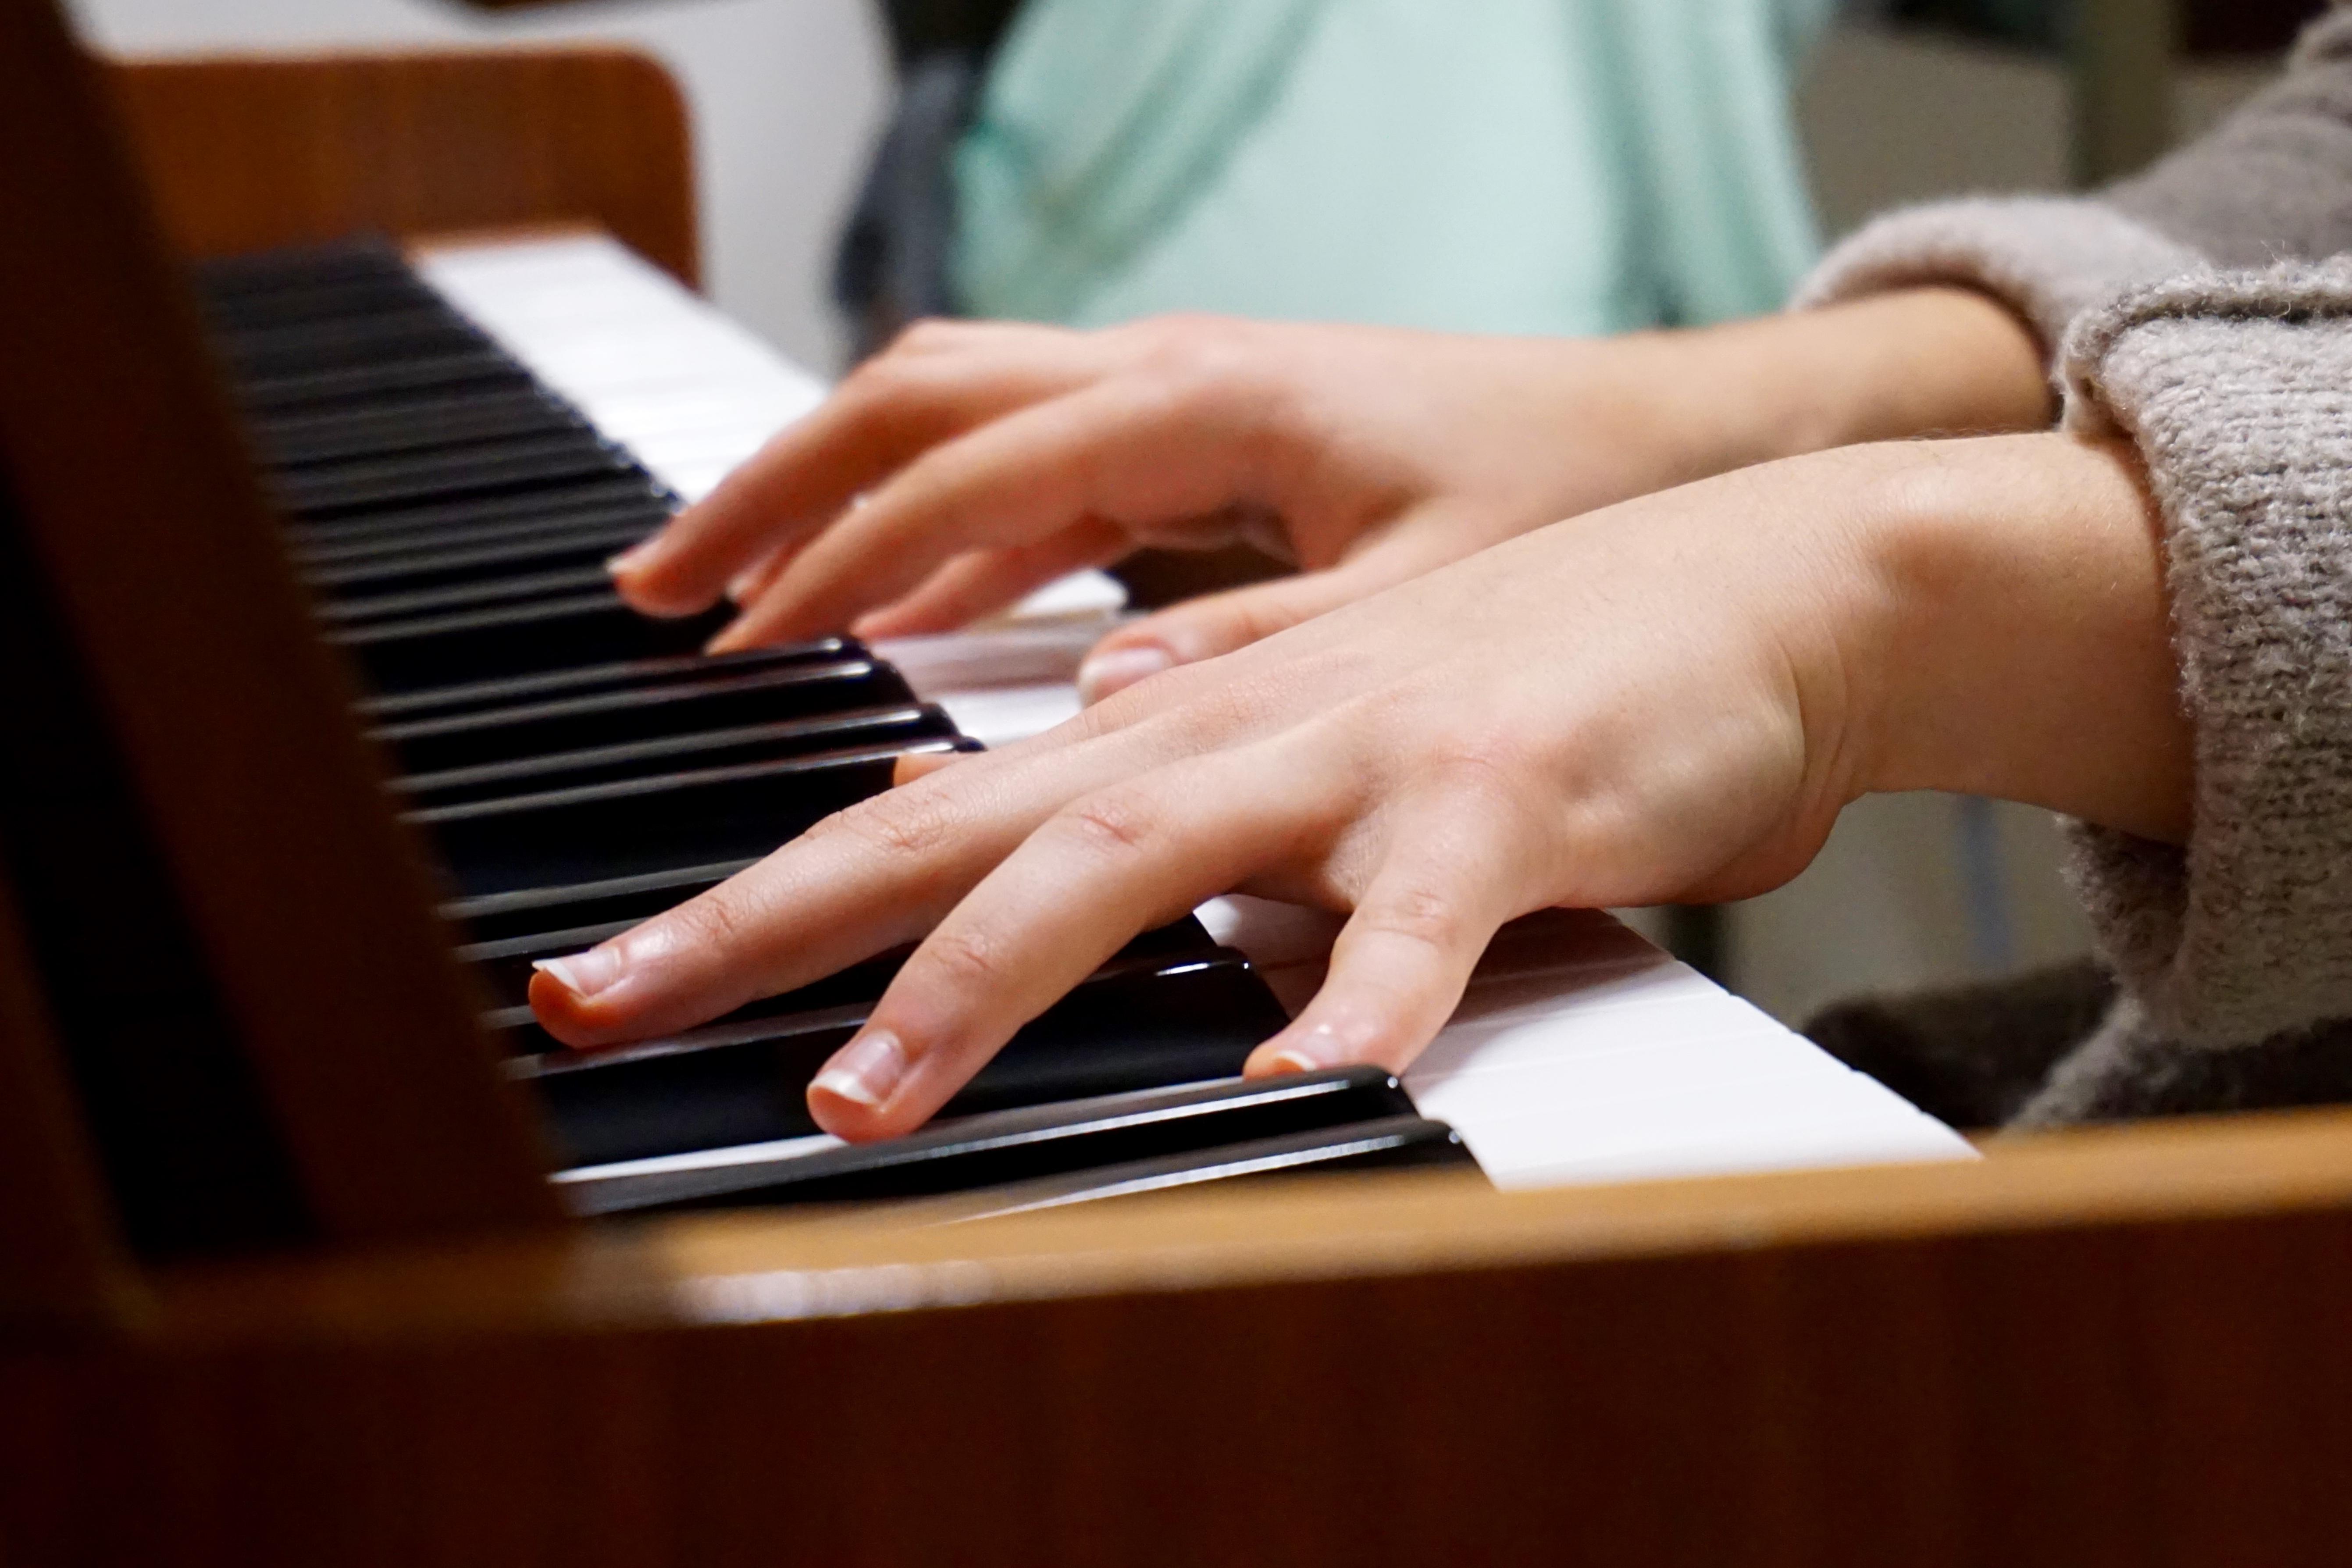 пальцы на фортепиано картинки дворик увидела